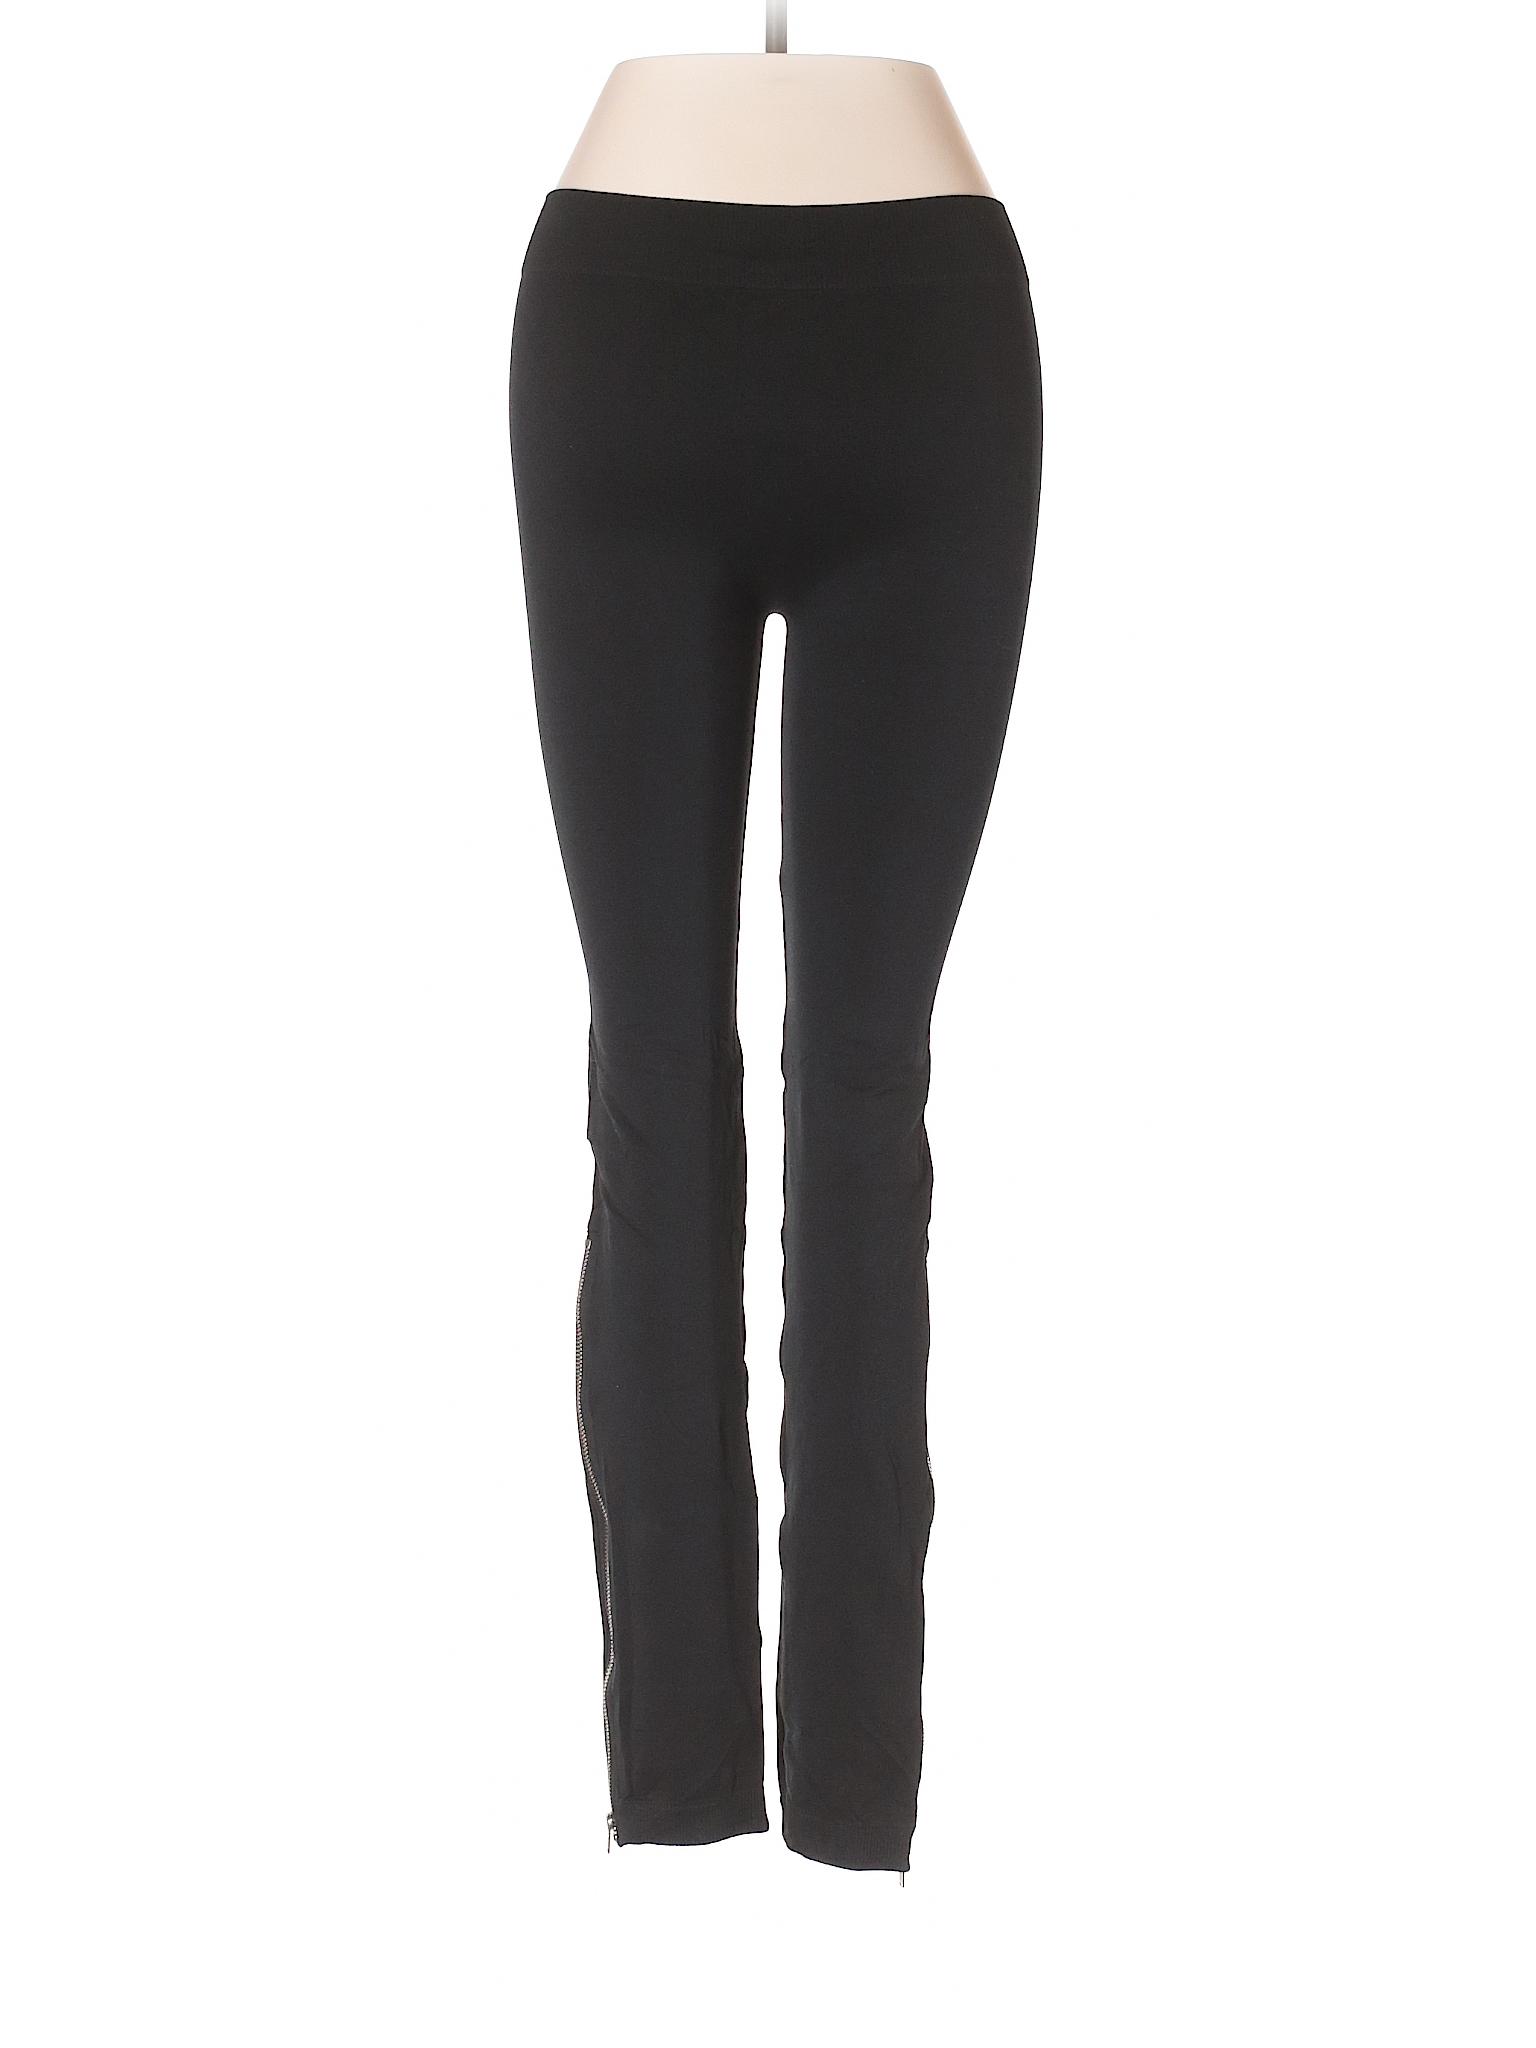 leisure Boutique International INC Concepts Leggings dY4FZO